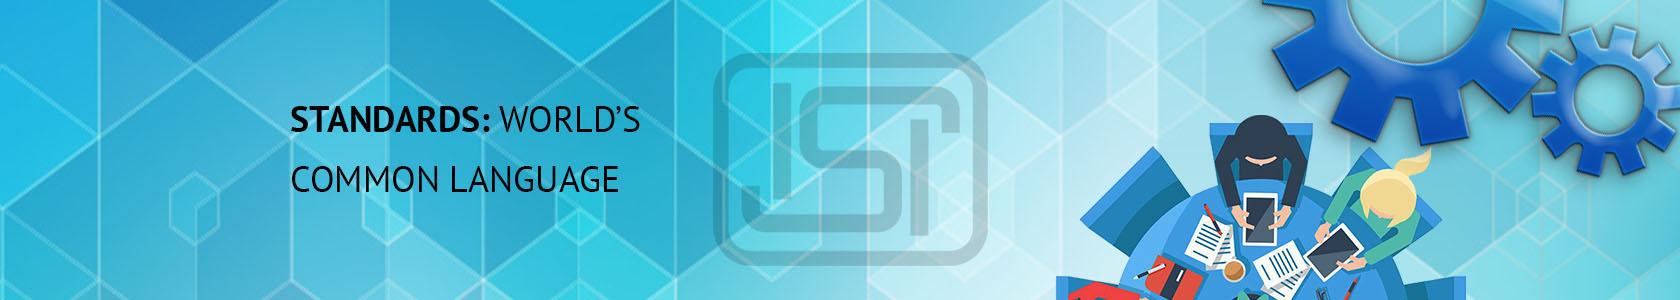 BIS_Slider_Images